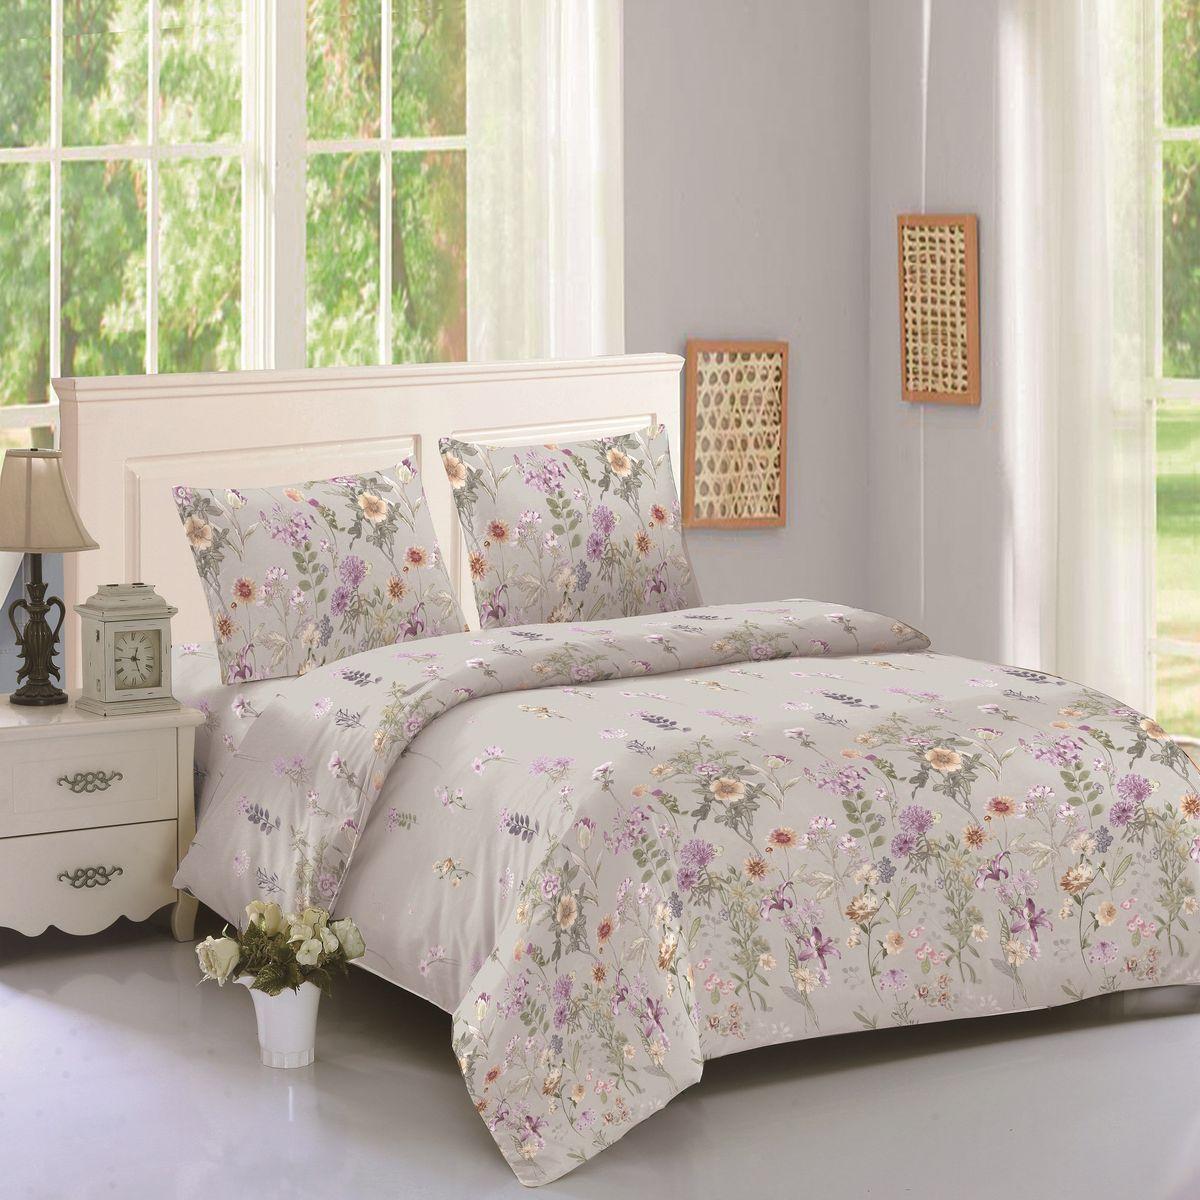 Комплект белья Amore Mio Julia, 1,5-спальный, наволочки 70х70, цвет: бежевый, зеленый, сиреневый